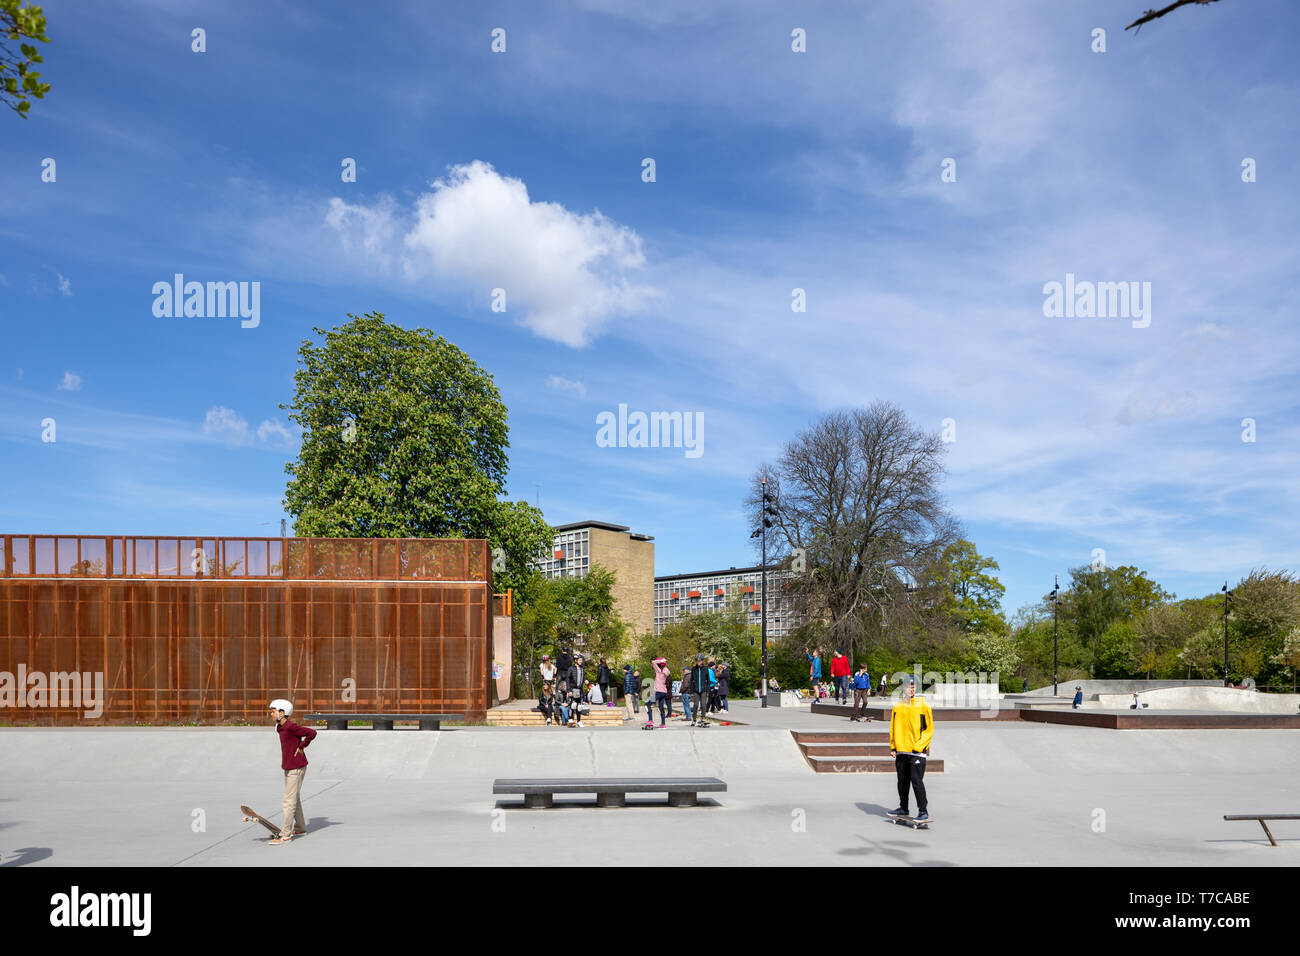 faelledparken-skatepark-flledparkens-skatepark-hc-rsted-institute-in-the-background-copenhagen-denmark-T7CABE.jpg